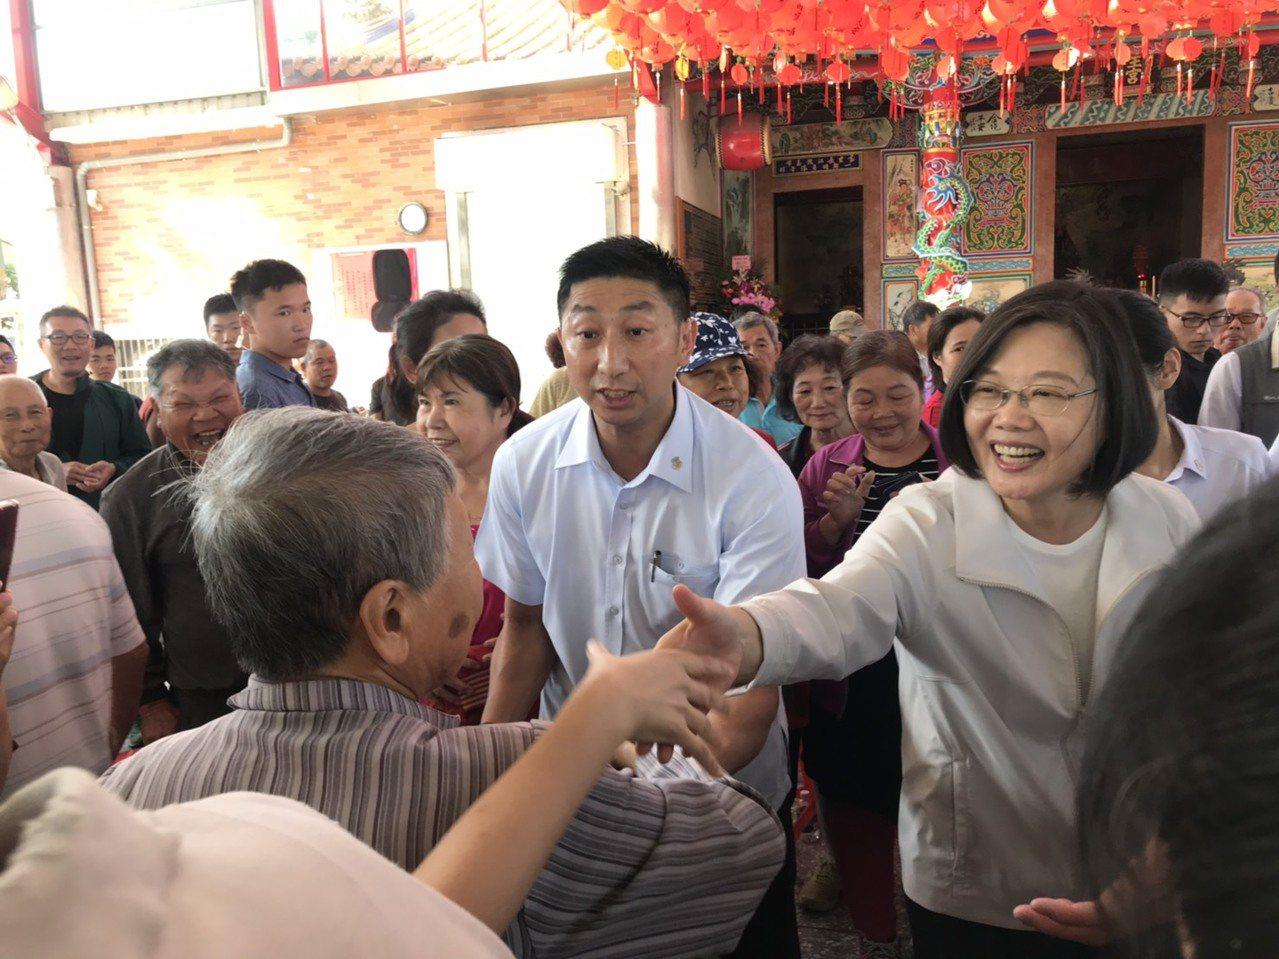 總統蔡英文也展現親和力和與會群眾握手致意,感謝他們的支持與鼓勵。記者郭政芬/攝影